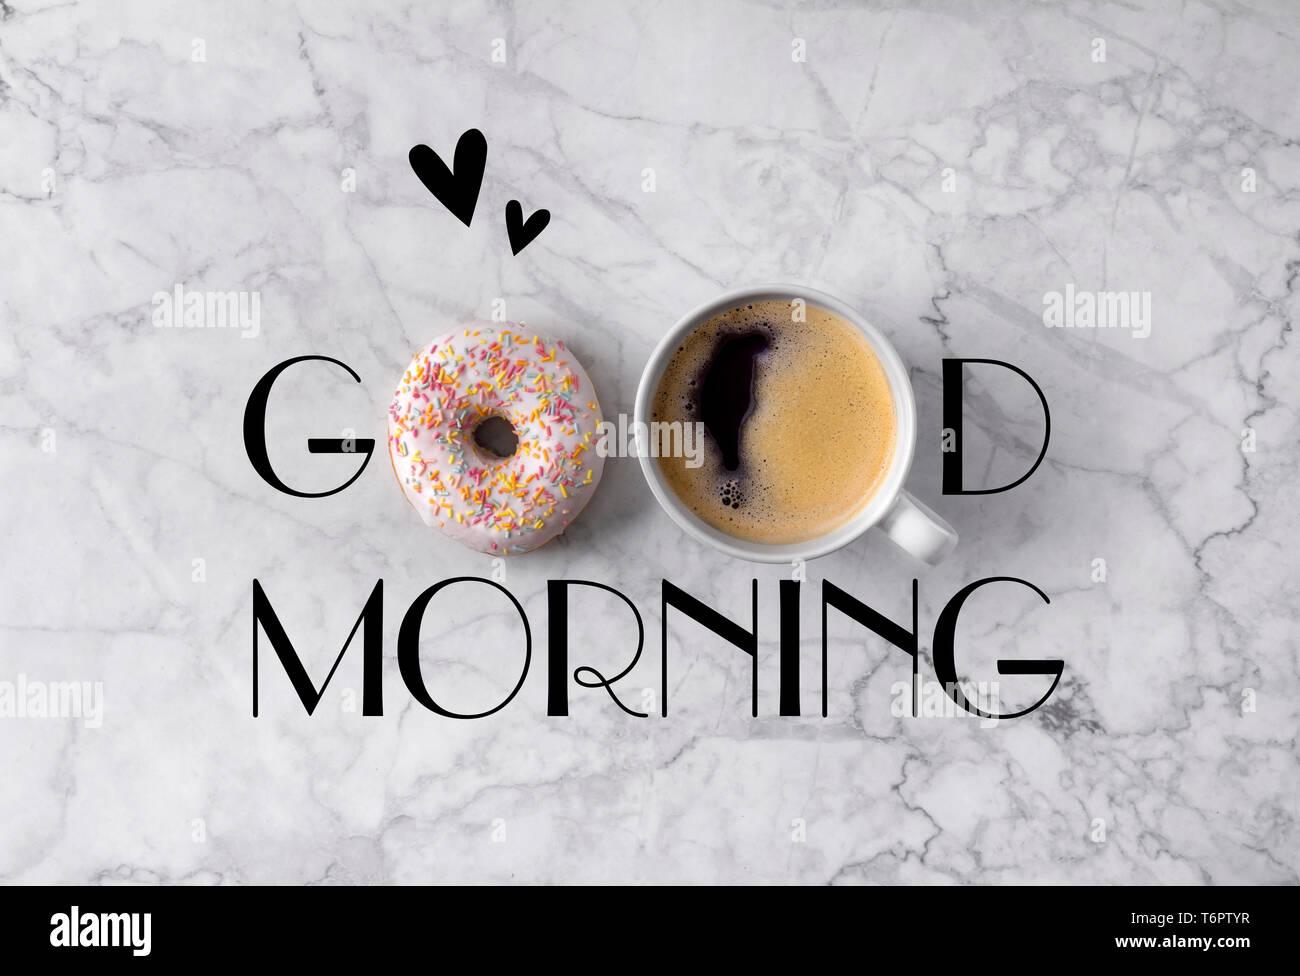 Guten Morgen Karte Mit Kaffee Stockfotos Guten Morgen